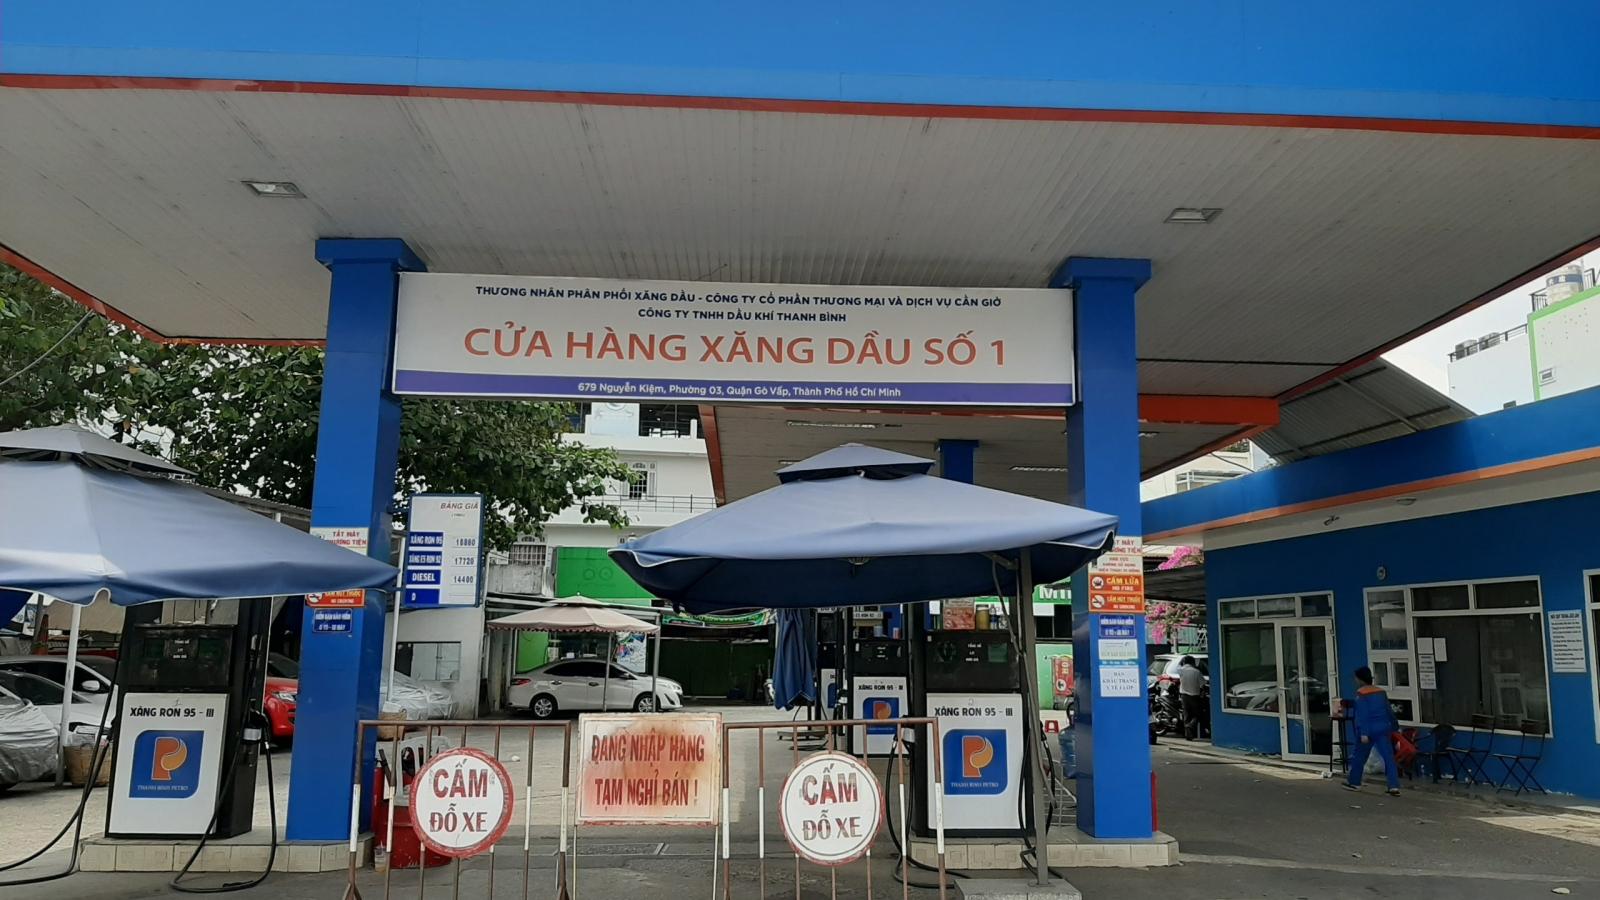 Công an kết thúc khám xét cửa hàng xăng dầu ở TP HCM